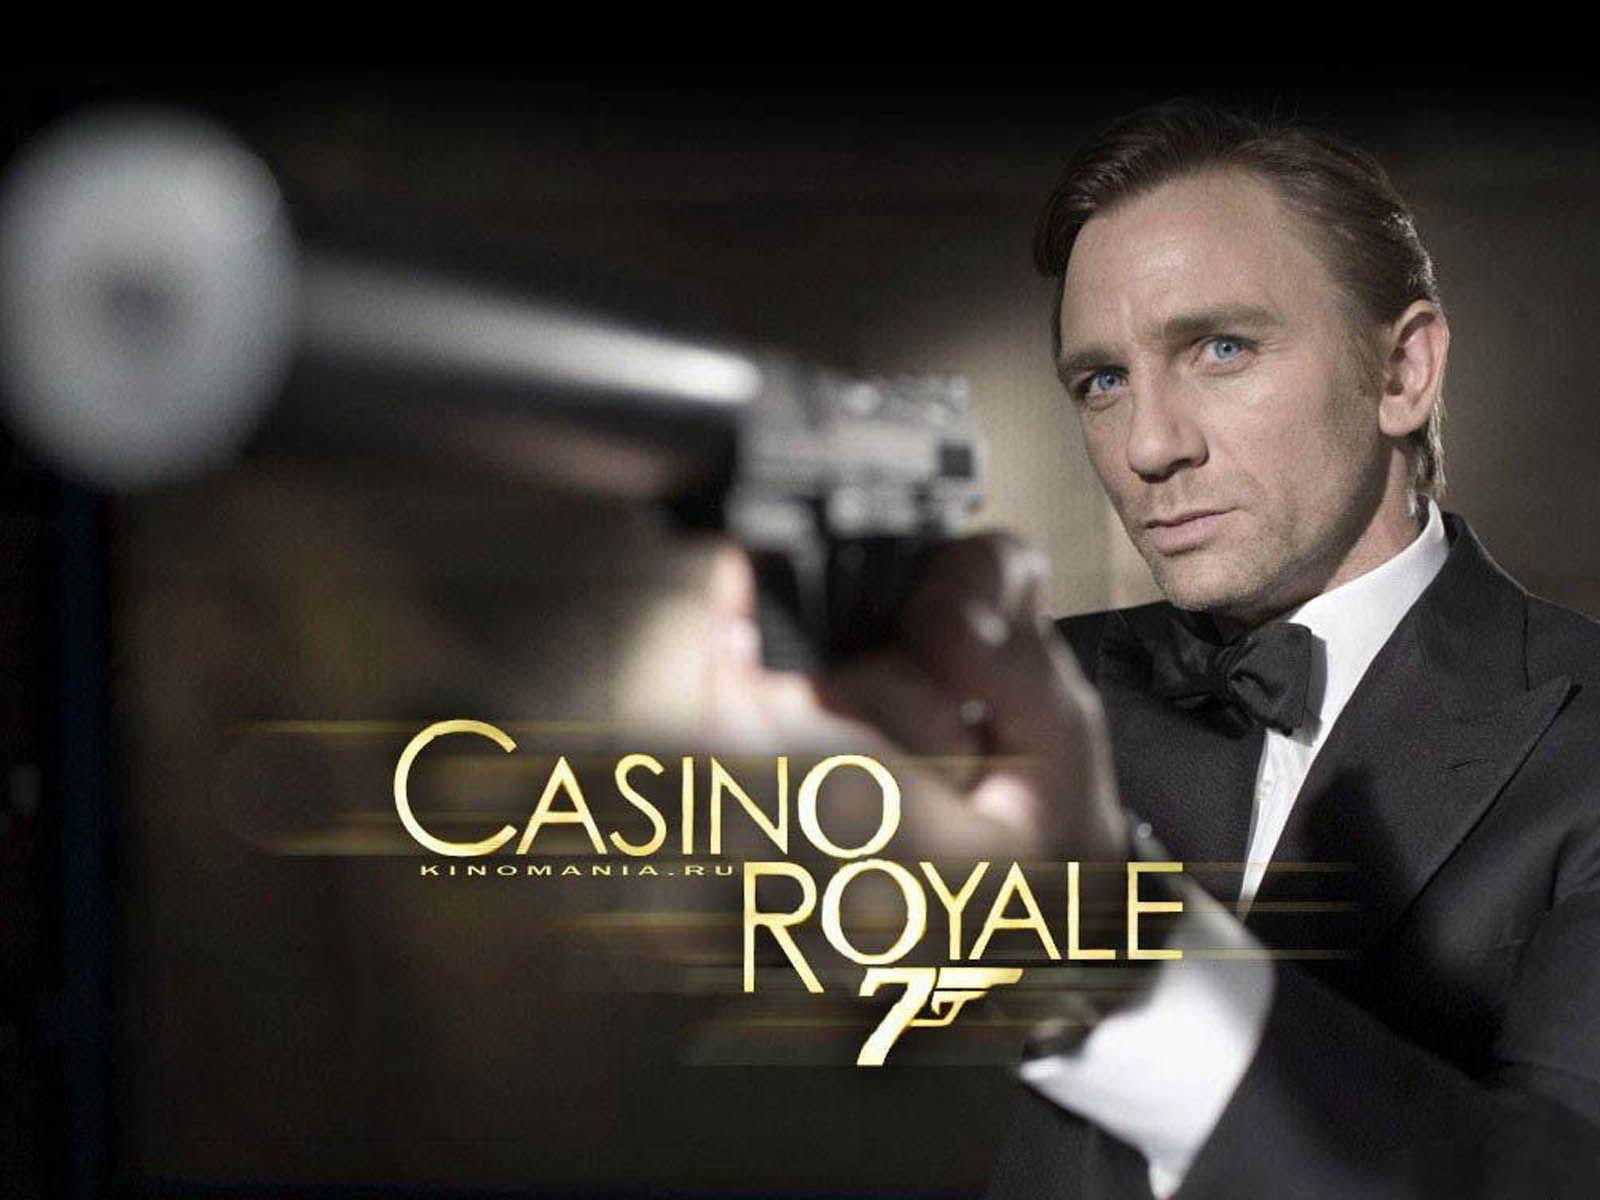 James Bond 007 Casino Royale James Bond Movies